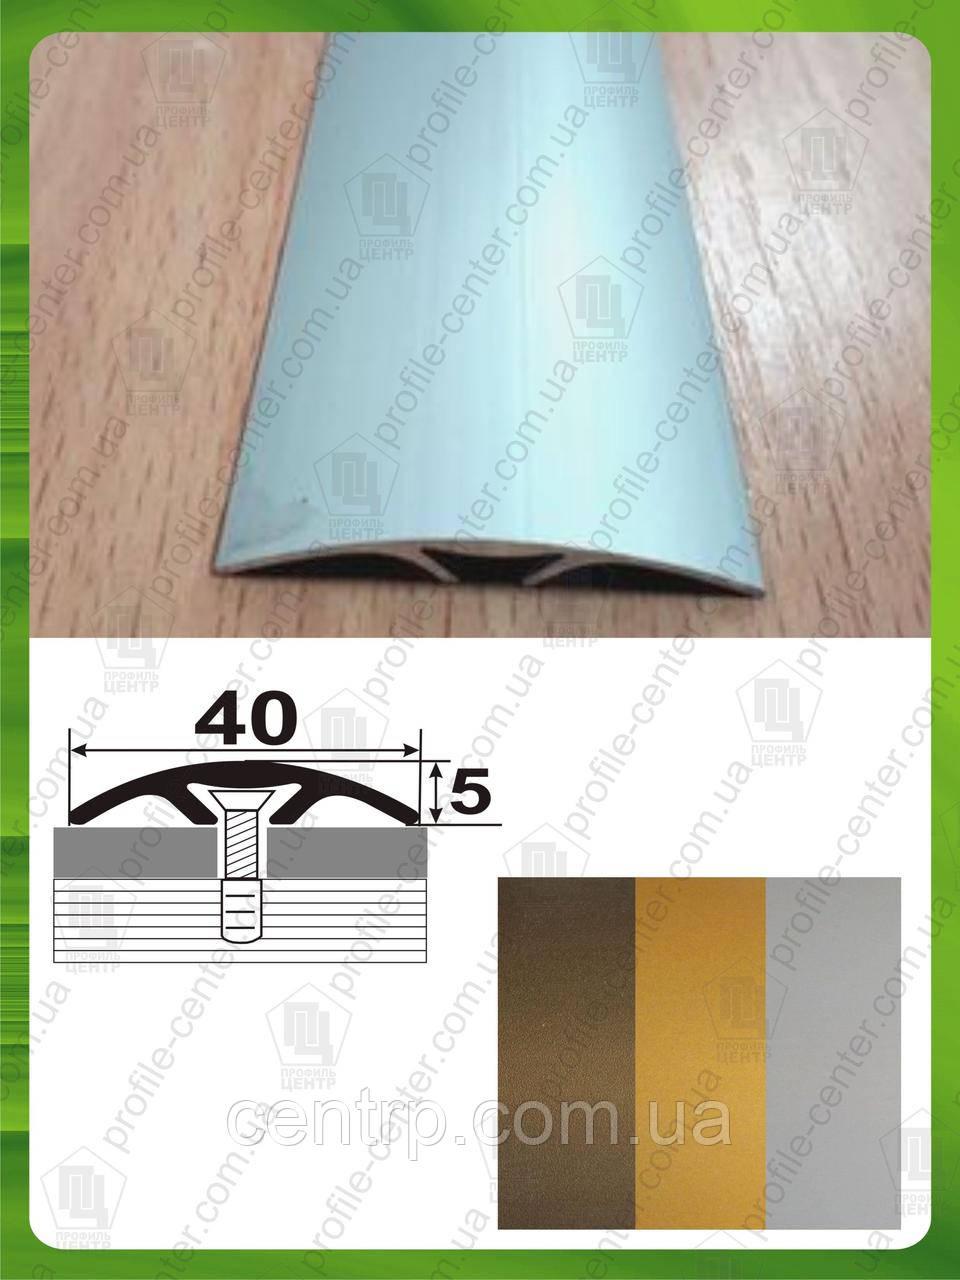 Стыкоперекрывающий алюминиевый порог скрытого монтажа 40мм. АП 013 анод